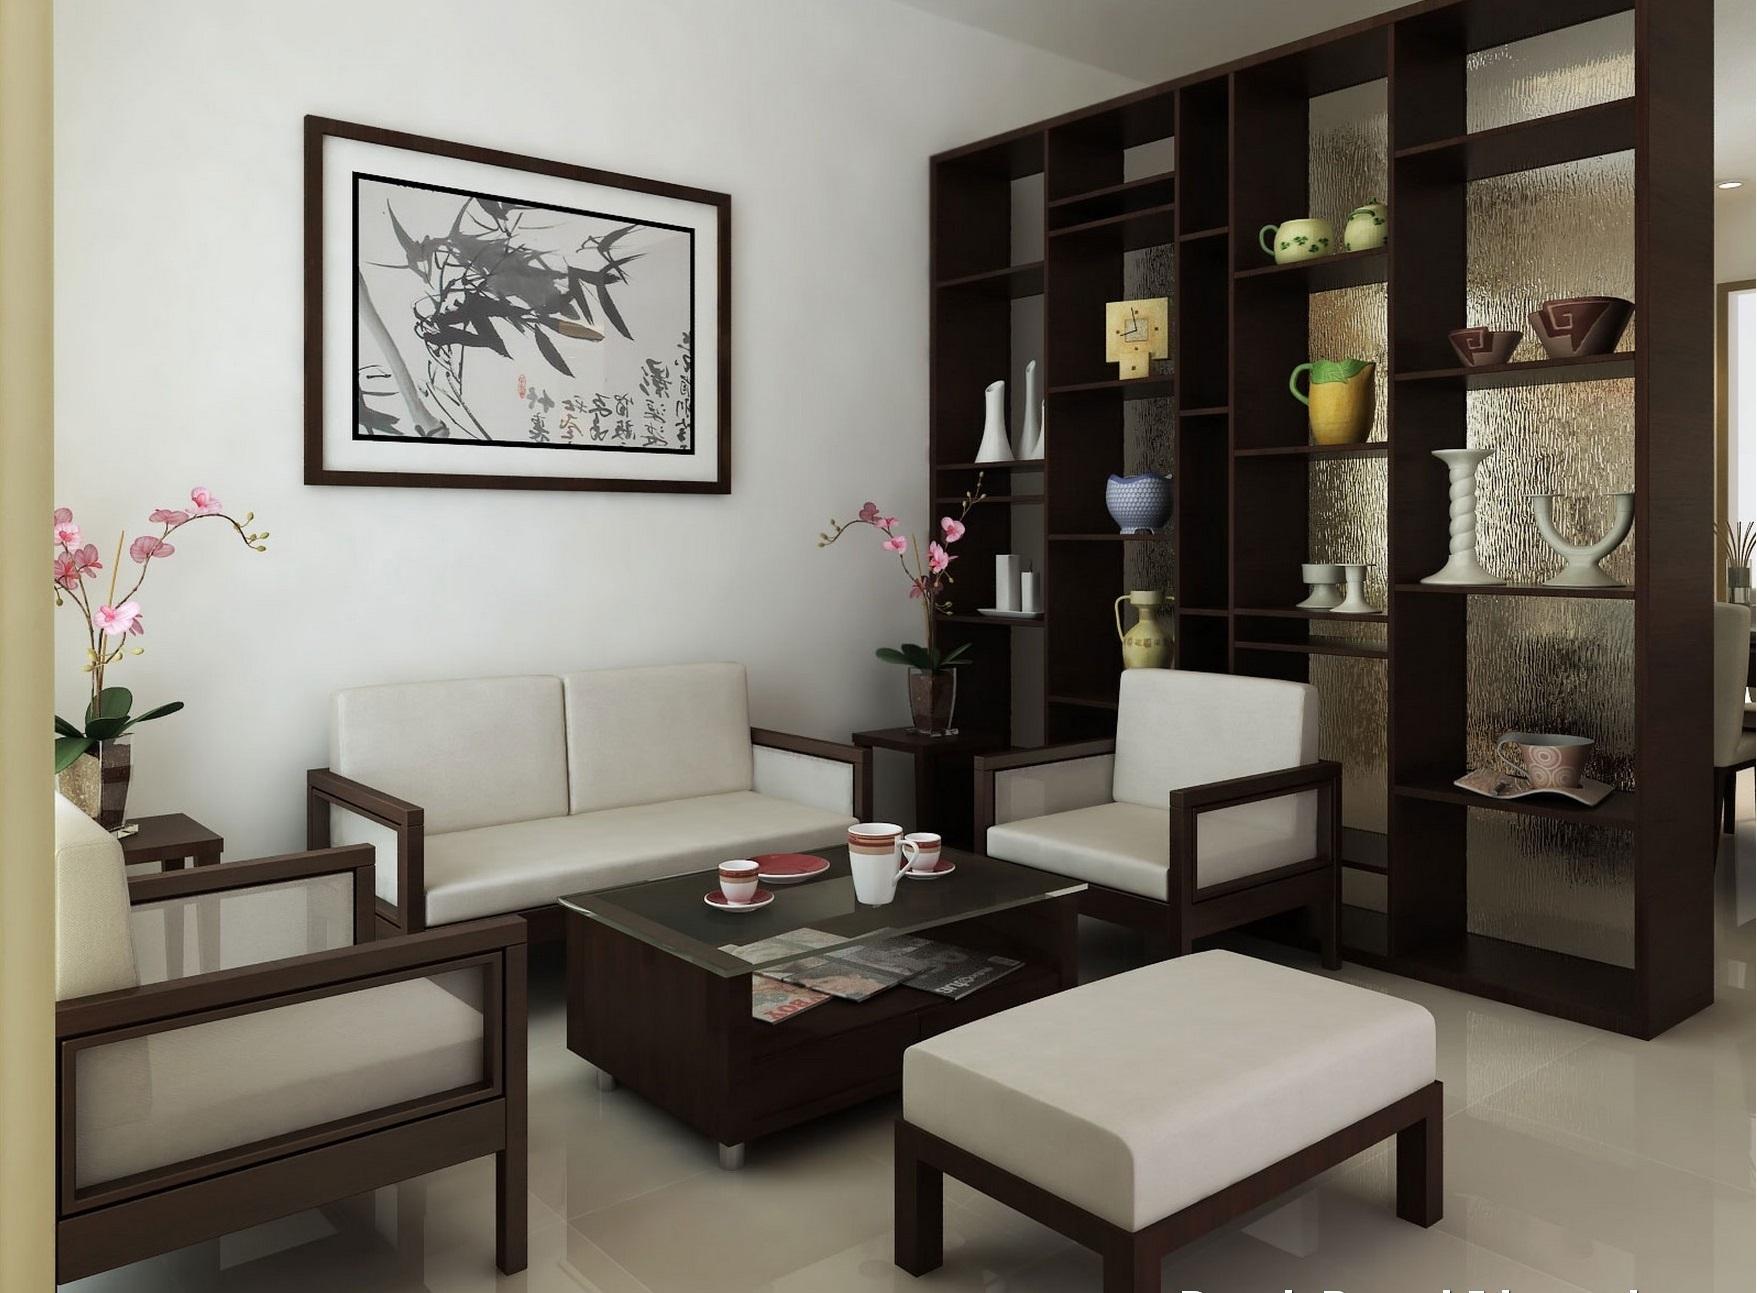 cokelat selalu menjadi pilihan warna yang tepat untuk desain ruang tamu yang memikat » Inilah 15 Desain Ruang Tamu yang Membuat Semuanya Lupa Waktu